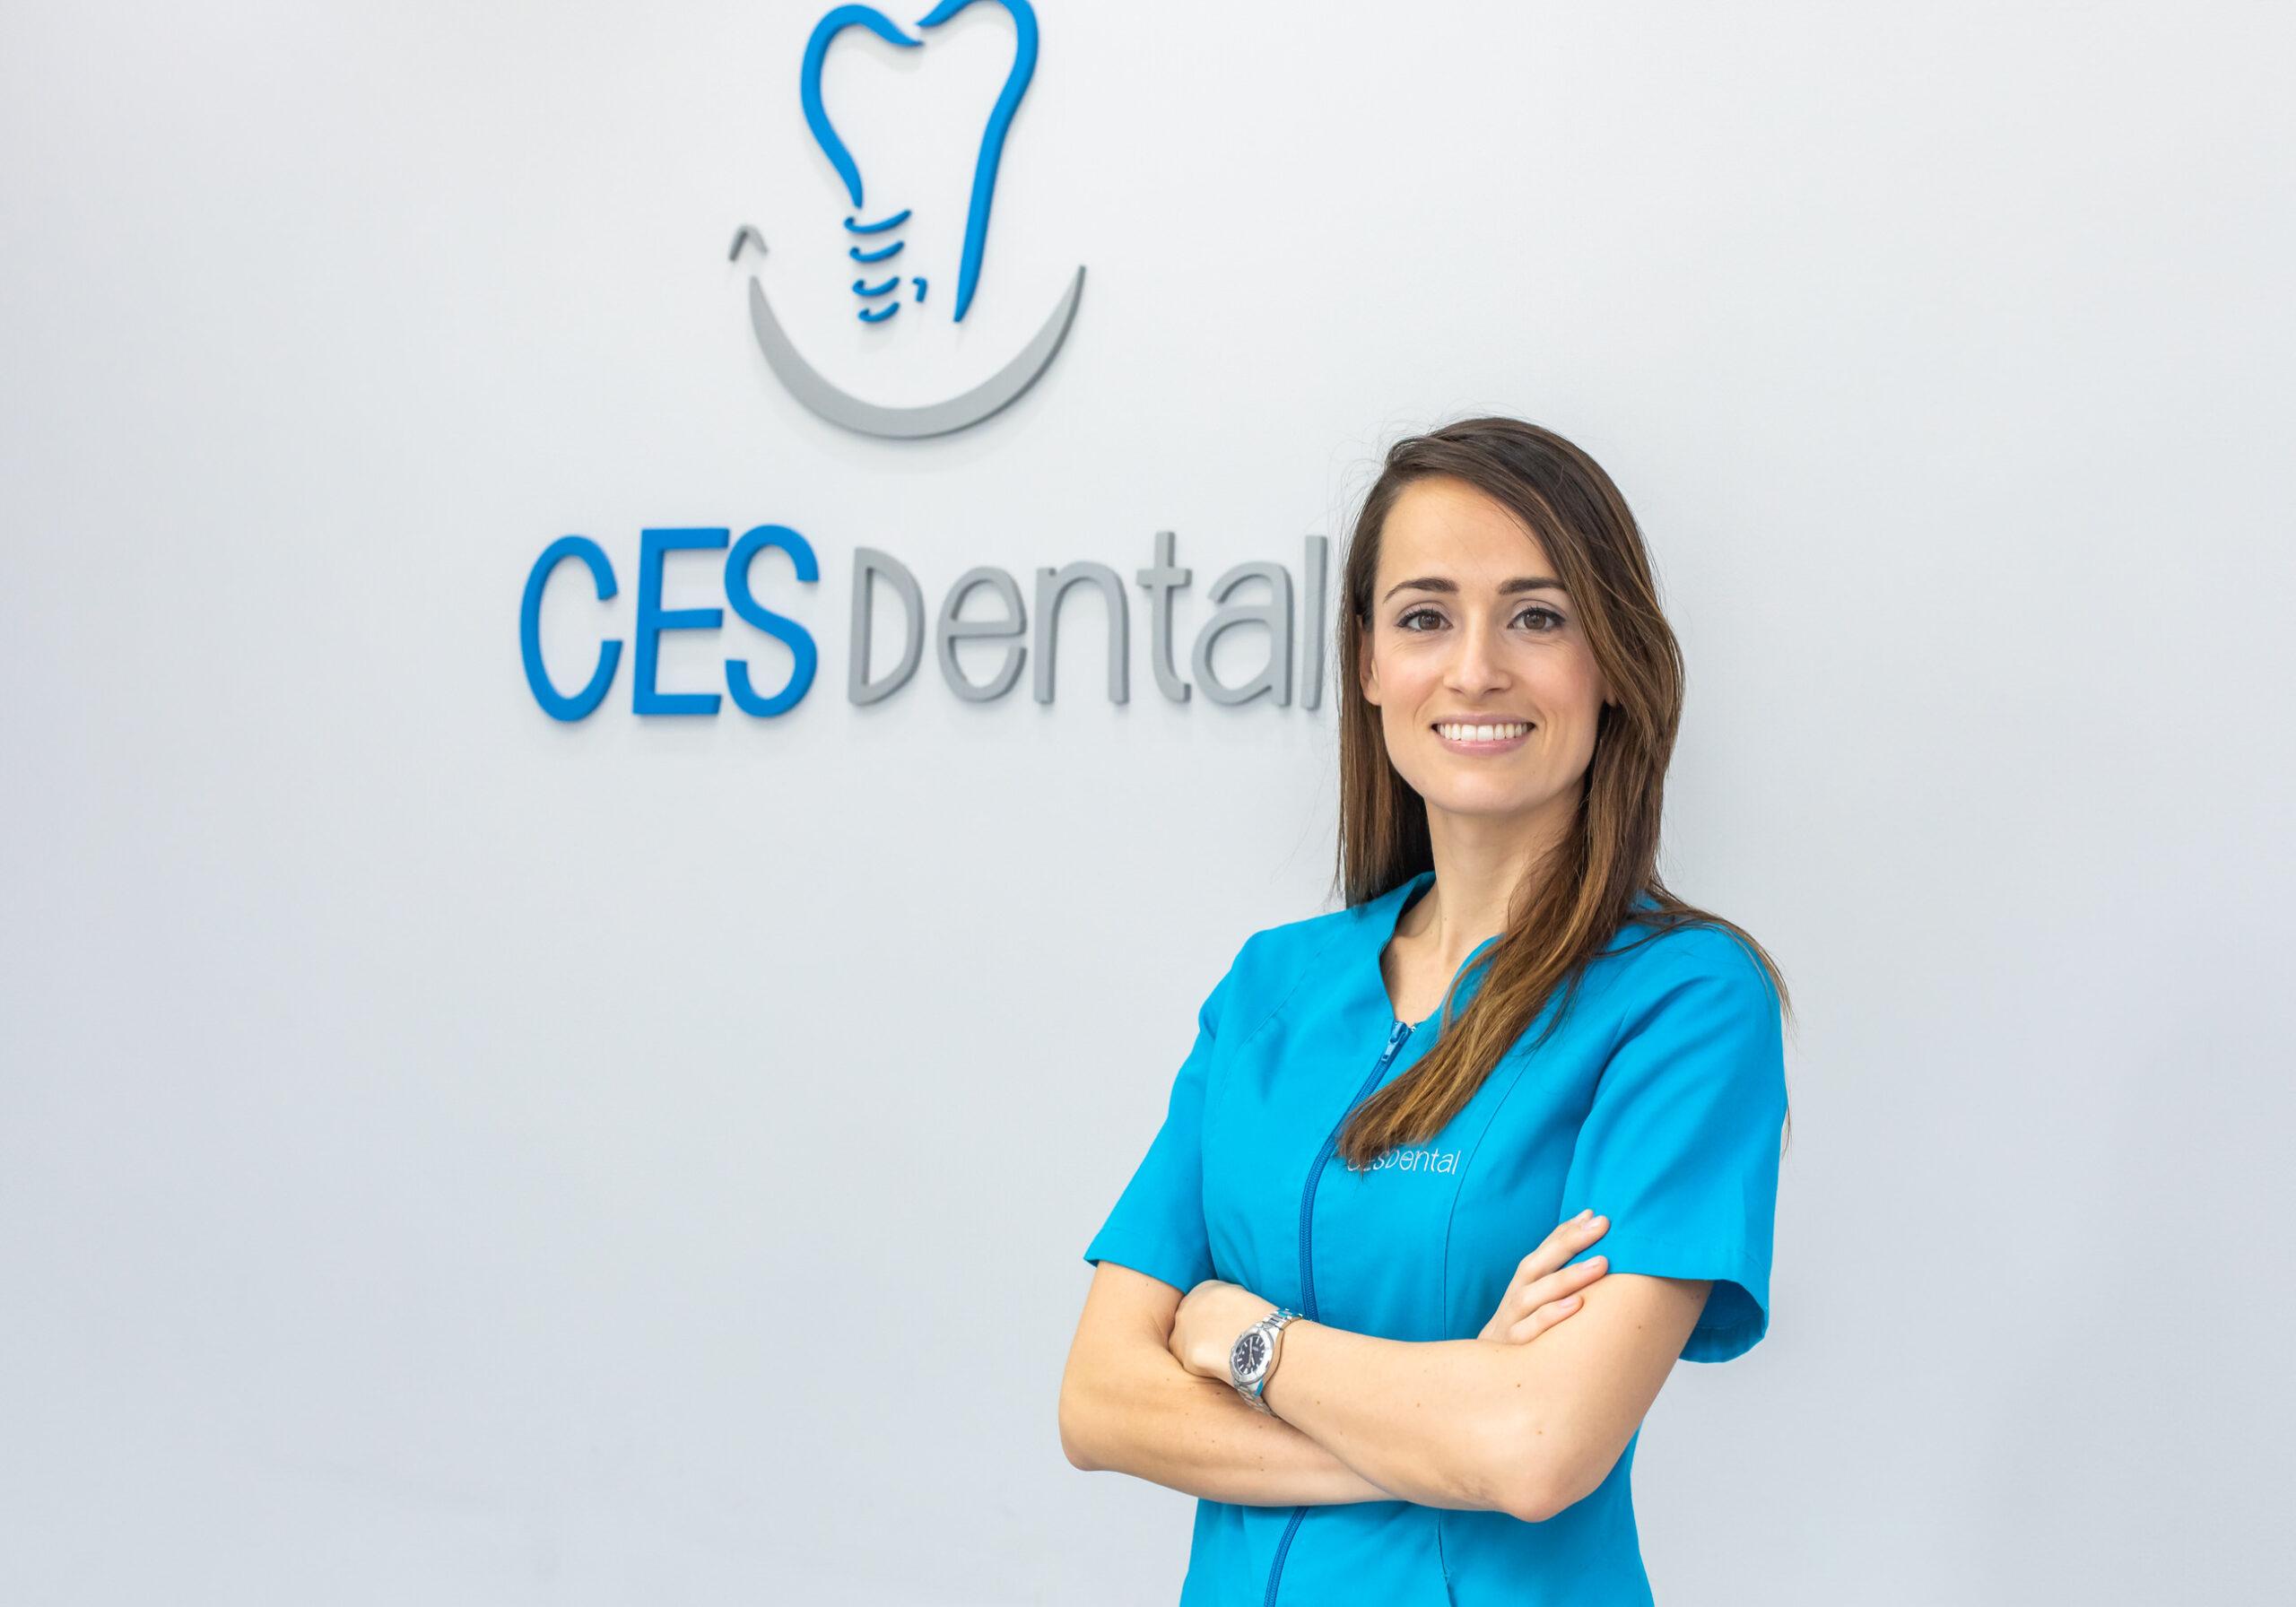 clínica dental en Godella - foto de Marta Lopez 2